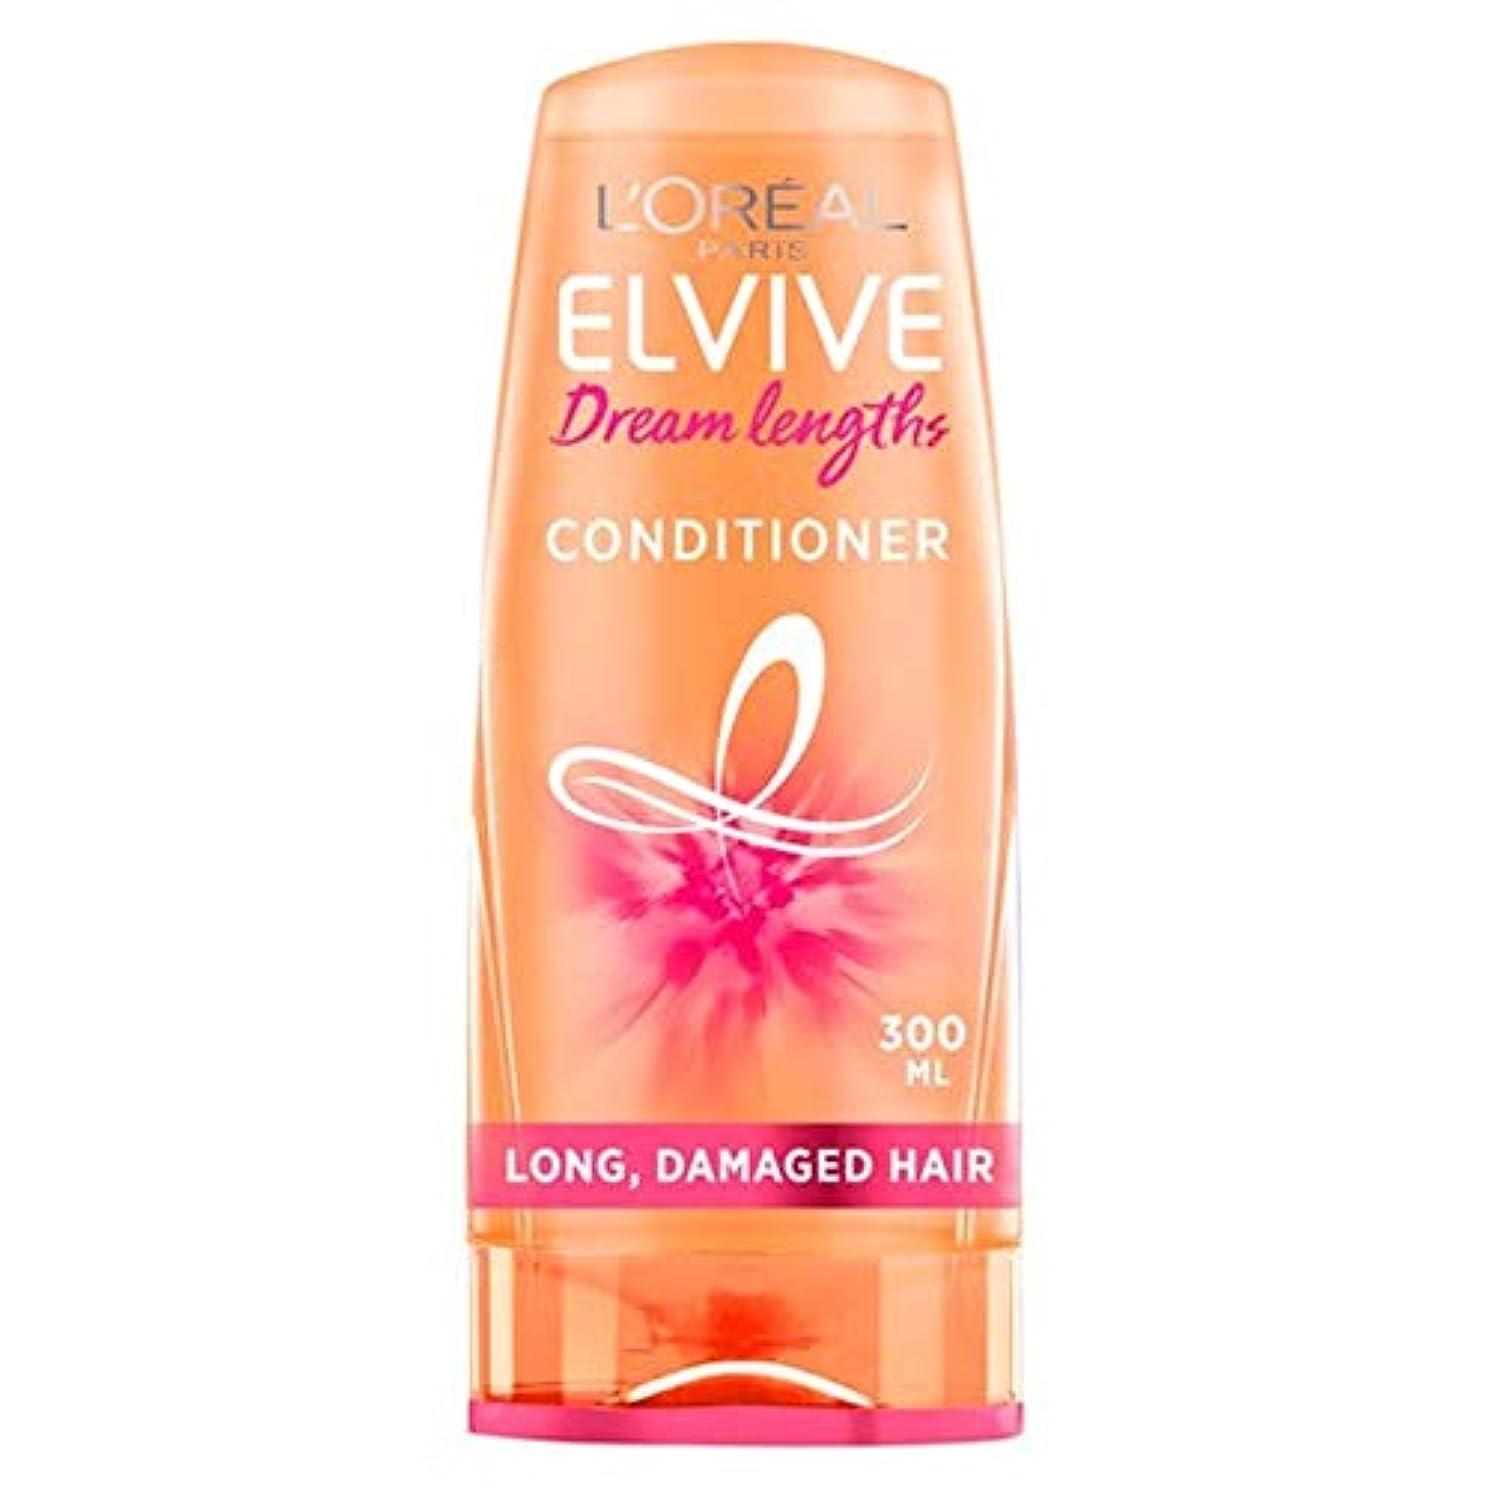 食い違いナビゲーション頑丈[Elvive] ロレアルはElvive長ヘアコンディショナー300ミリリットルの夢 - L'oreal Elvive Dream Lengths Hair Conditioner 300Ml [並行輸入品]